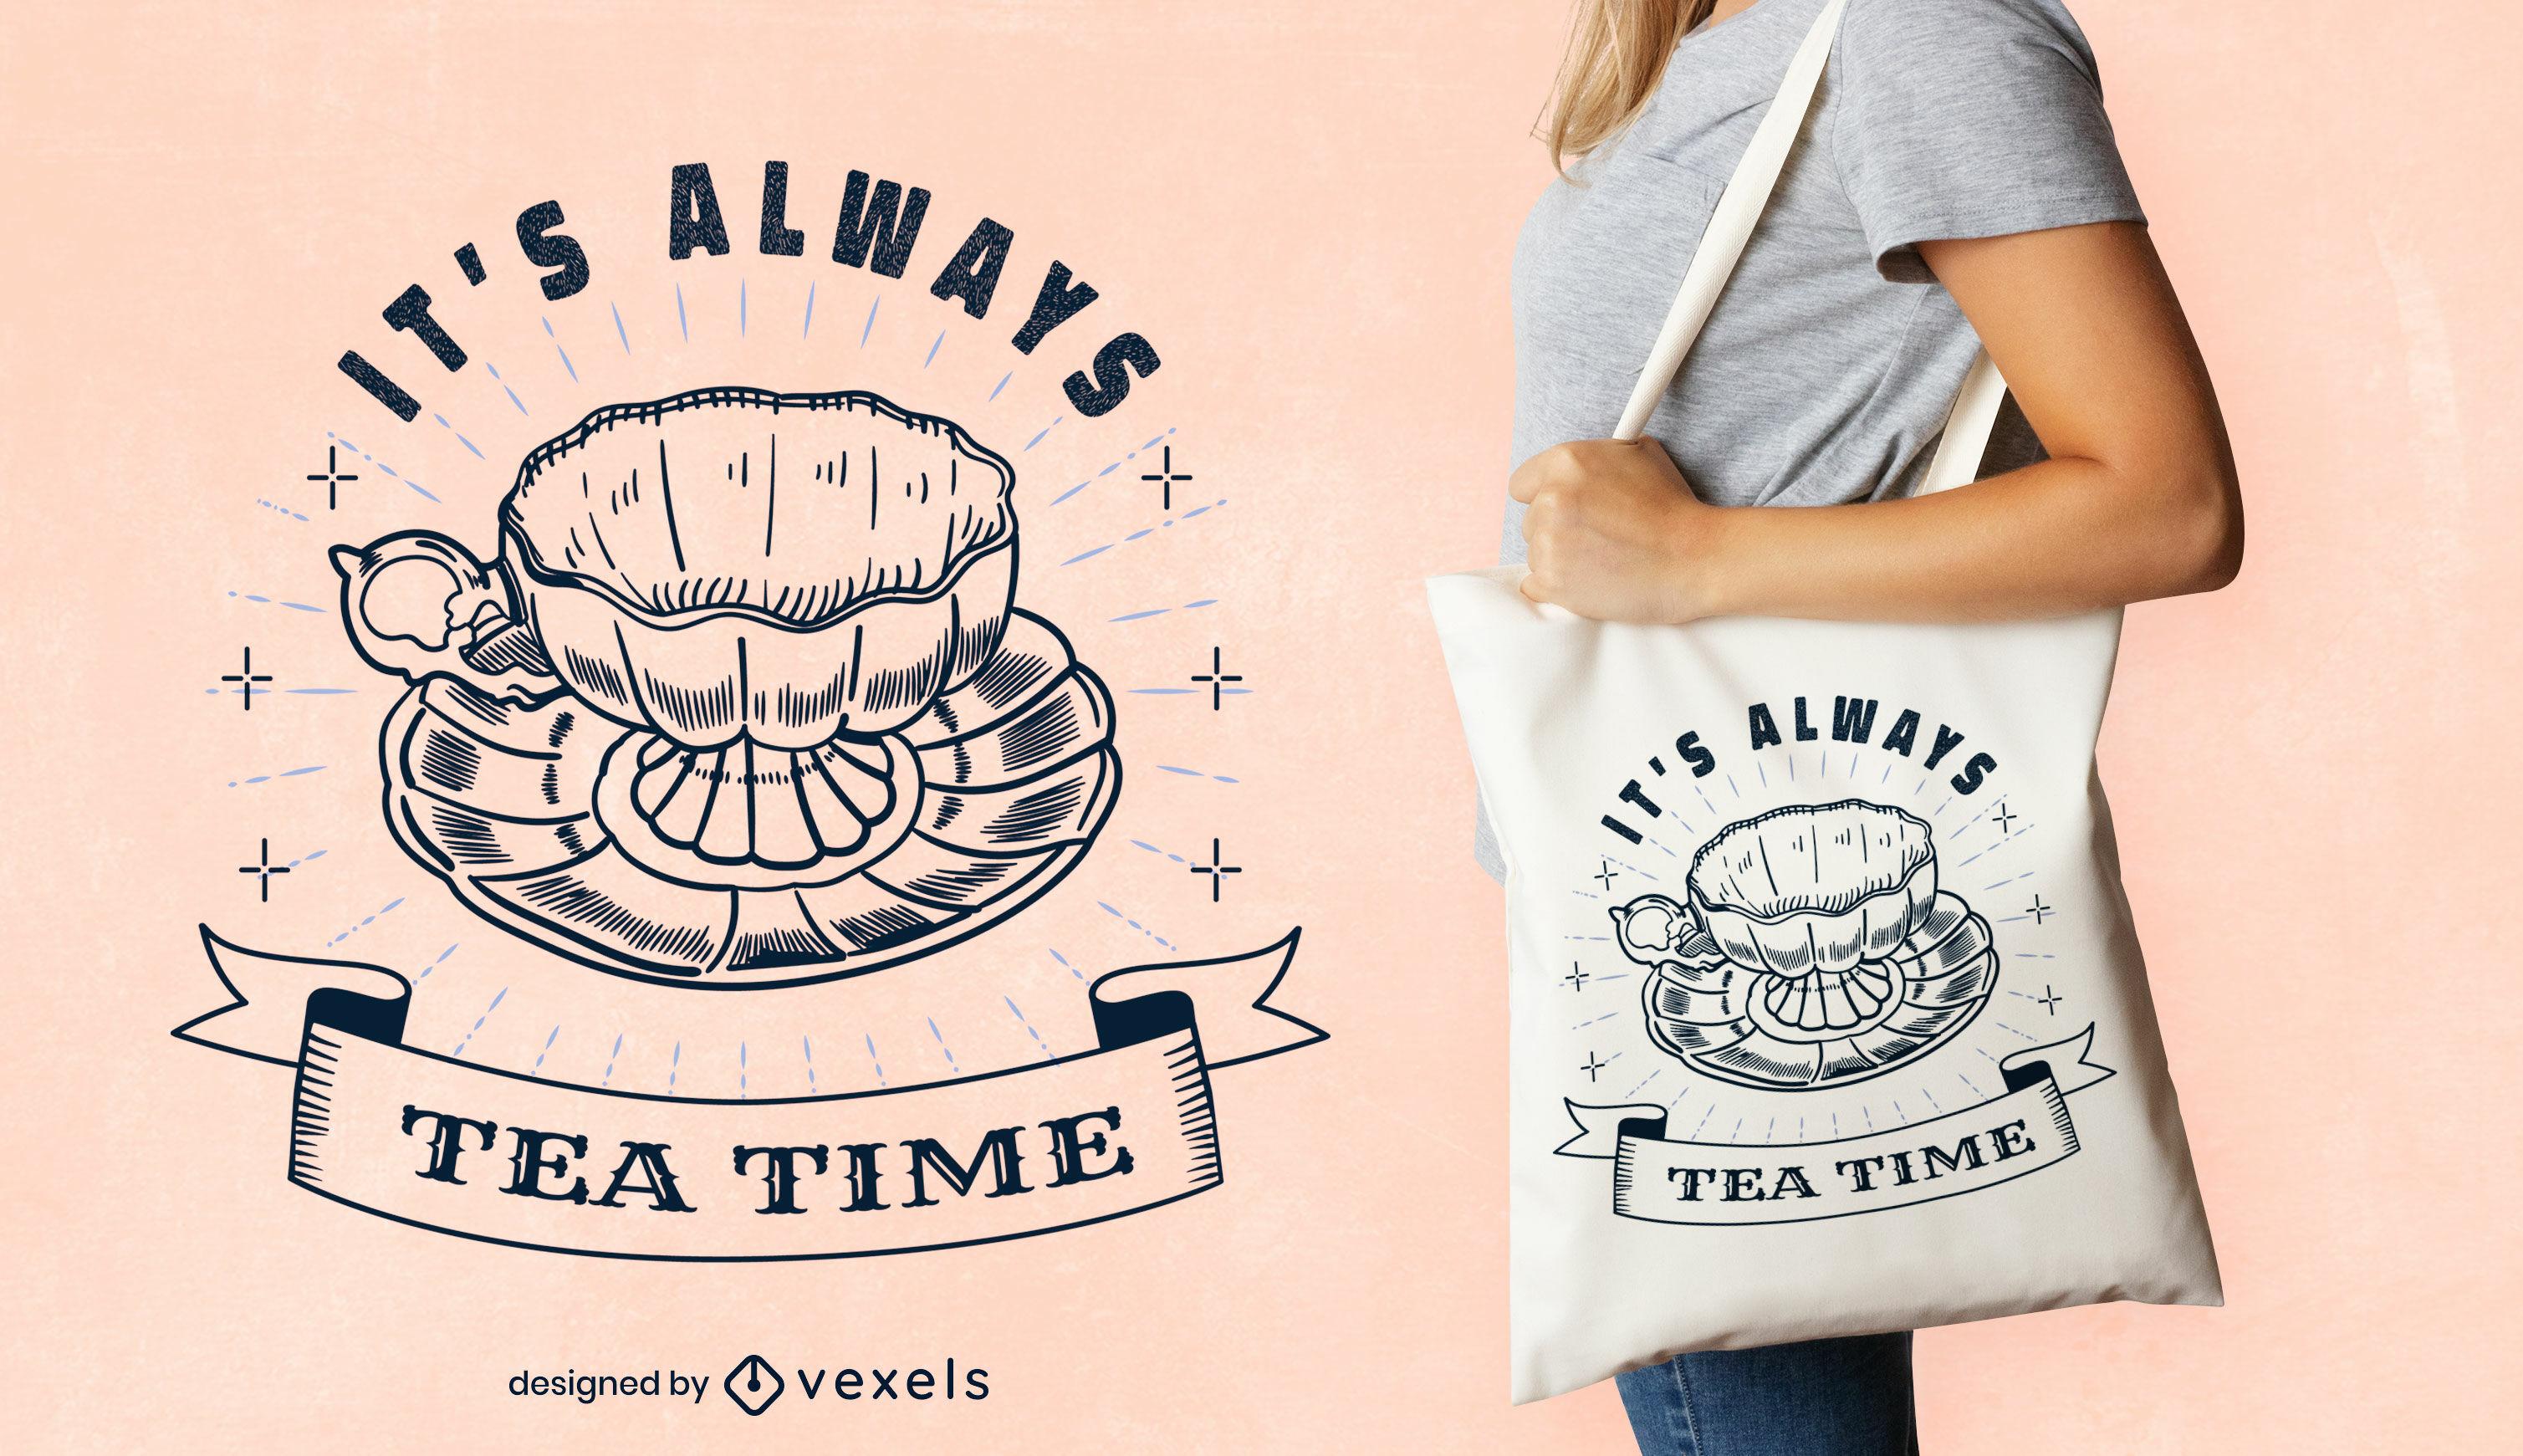 Dise?o de la bolsa de asas del trazo de la bebida de la hora del t?